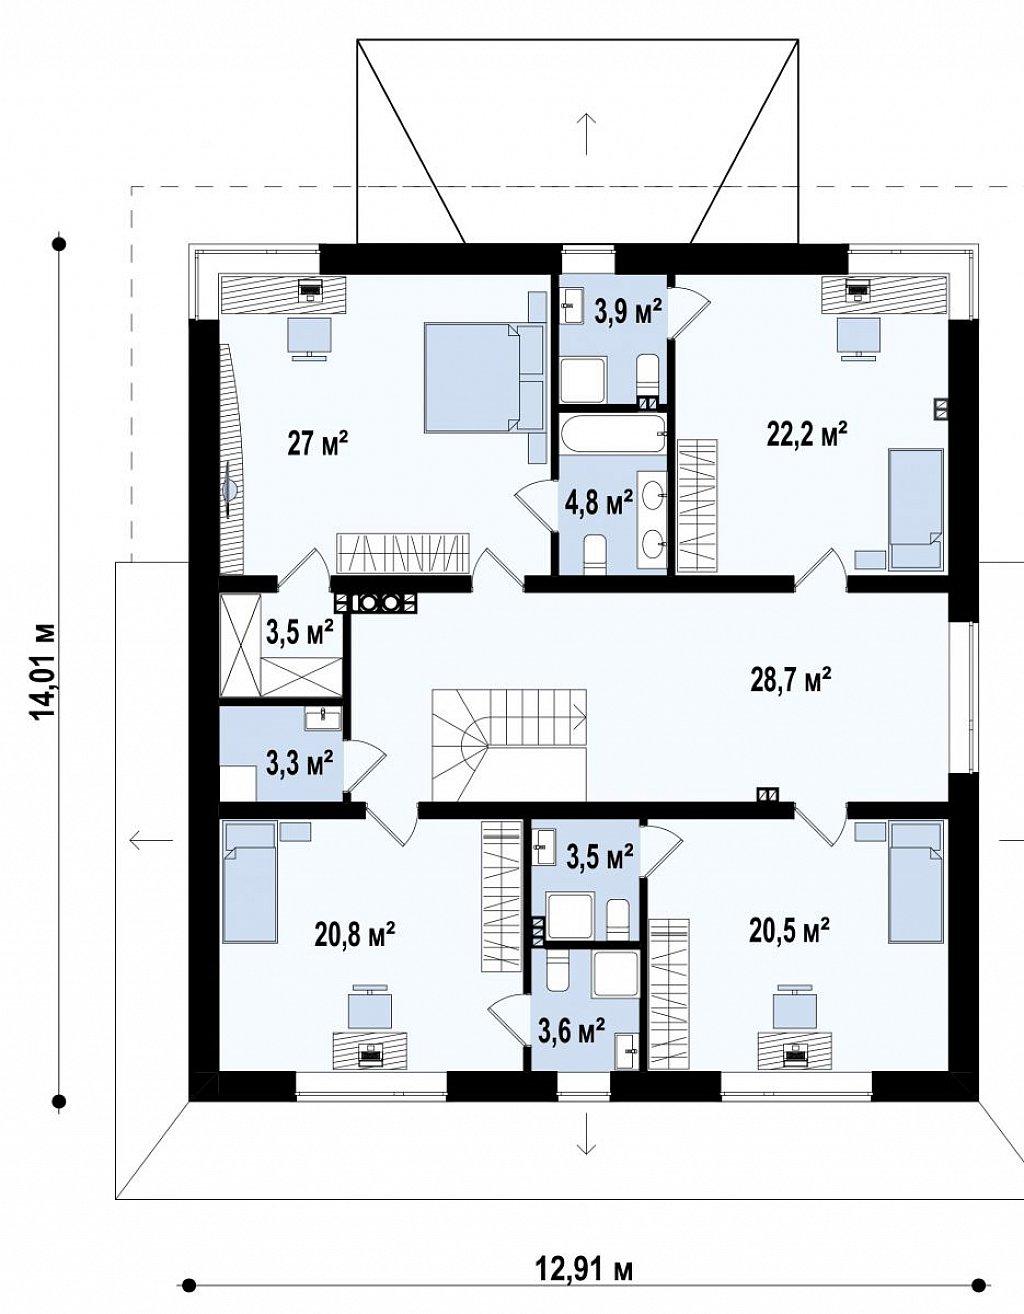 Проект комфортной двухэтажной виллы в традиционном стиле. план помещений 2